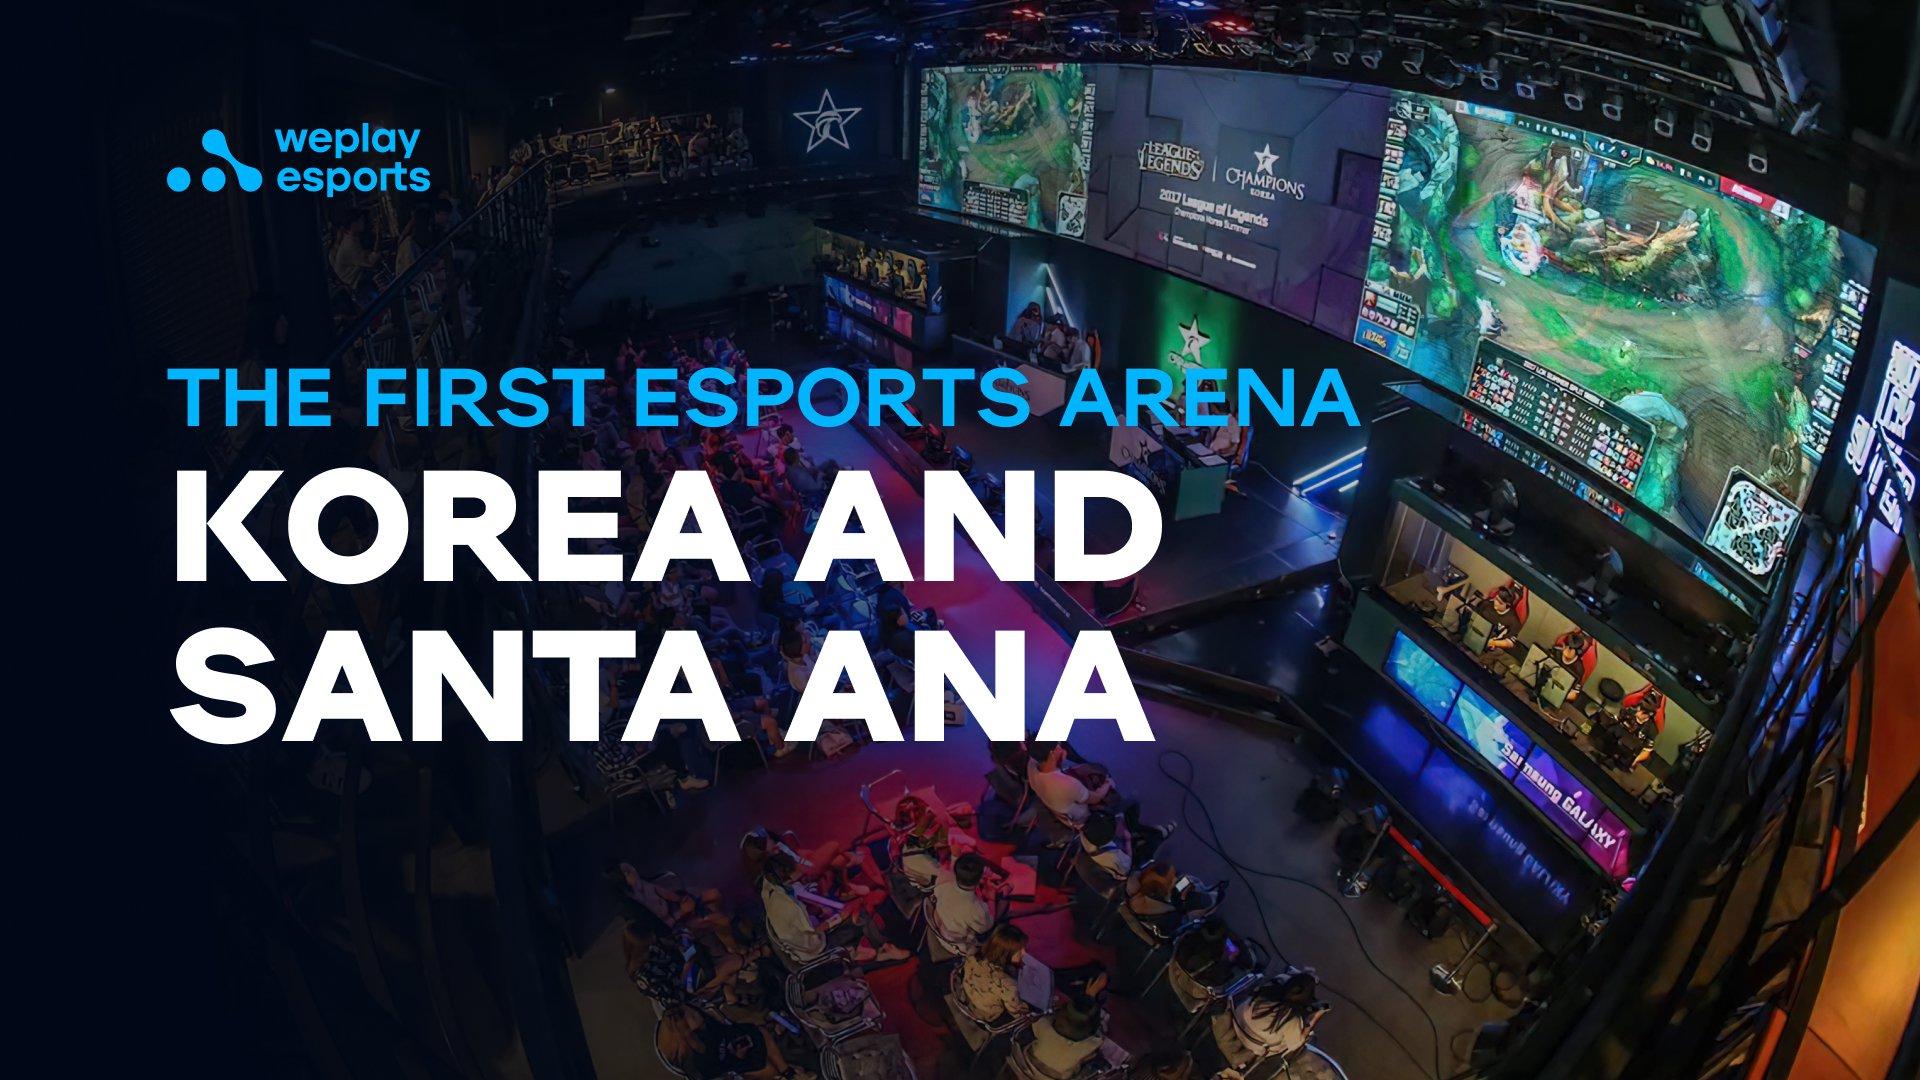 The First Esports Arena - Korea and Santa Ana